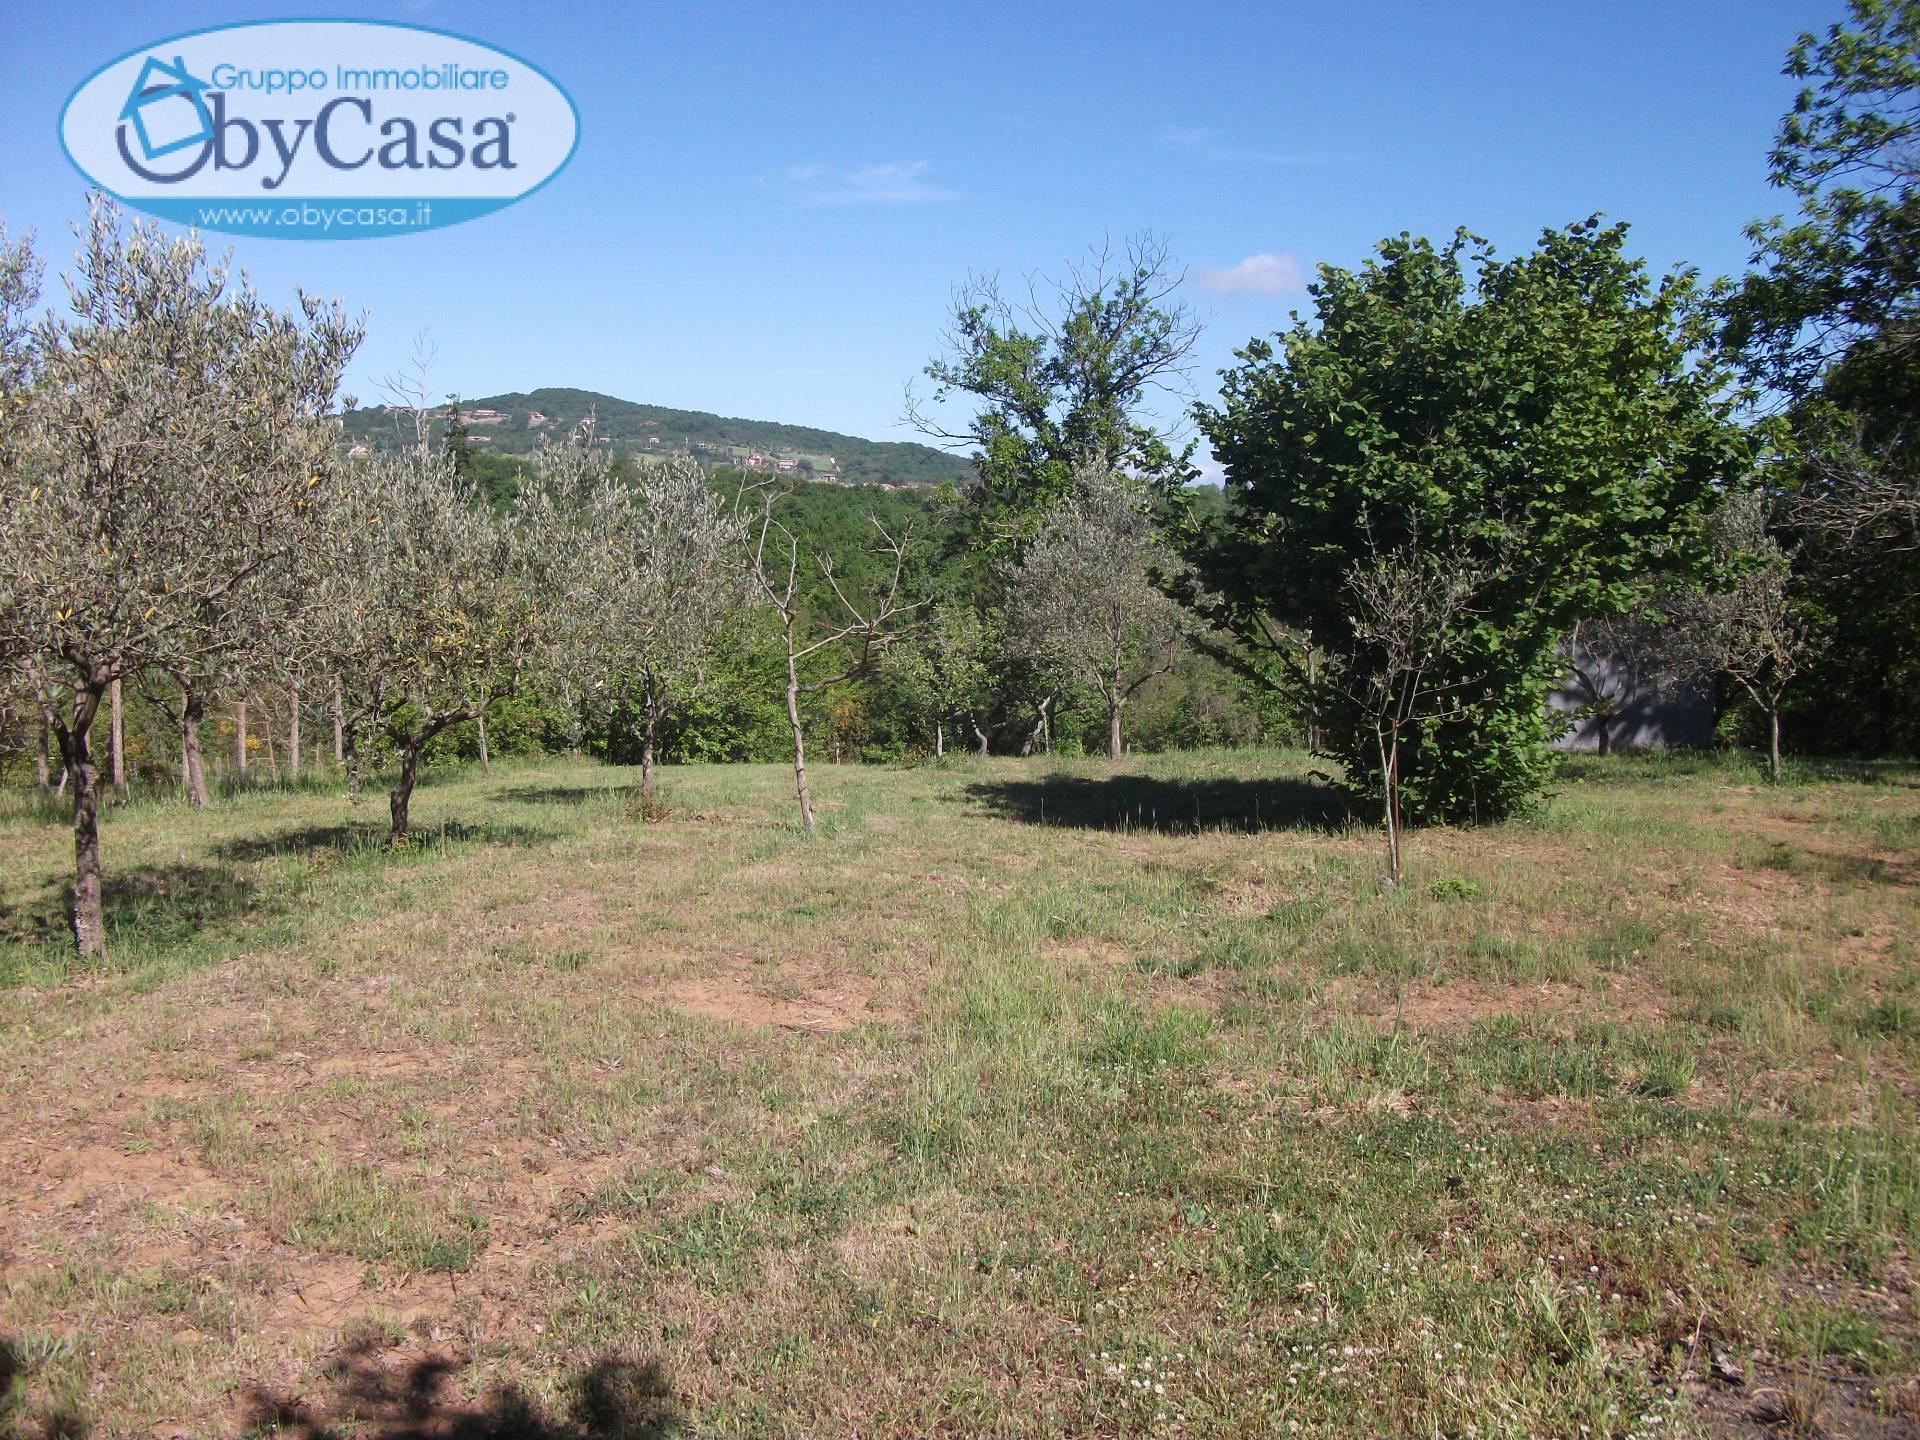 Terreno Agricolo in vendita a Vejano, 9999 locali, prezzo € 34.000 | Cambio Casa.it